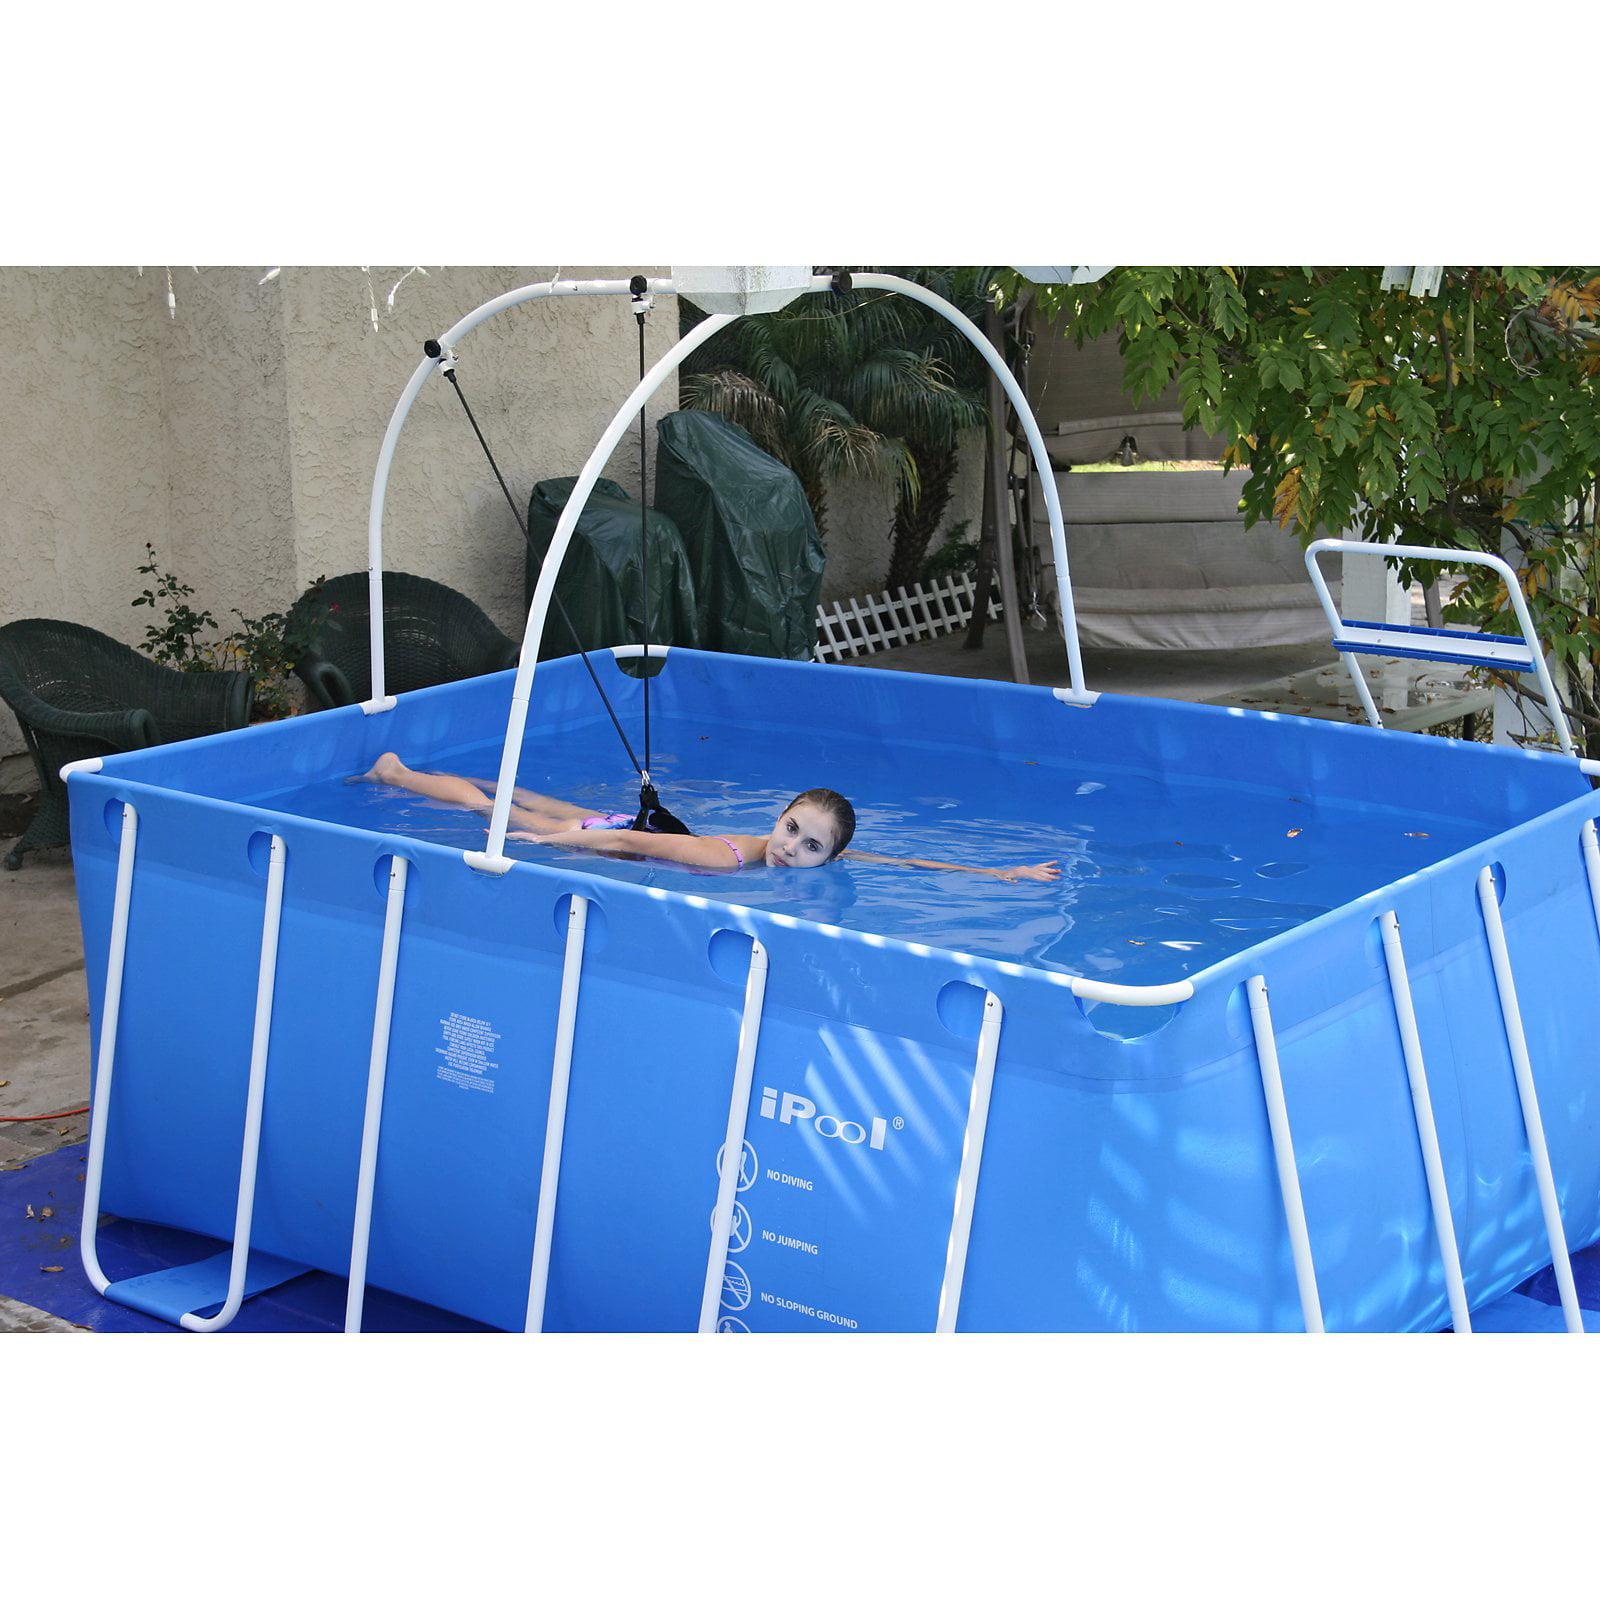 iPool Swimming Pool